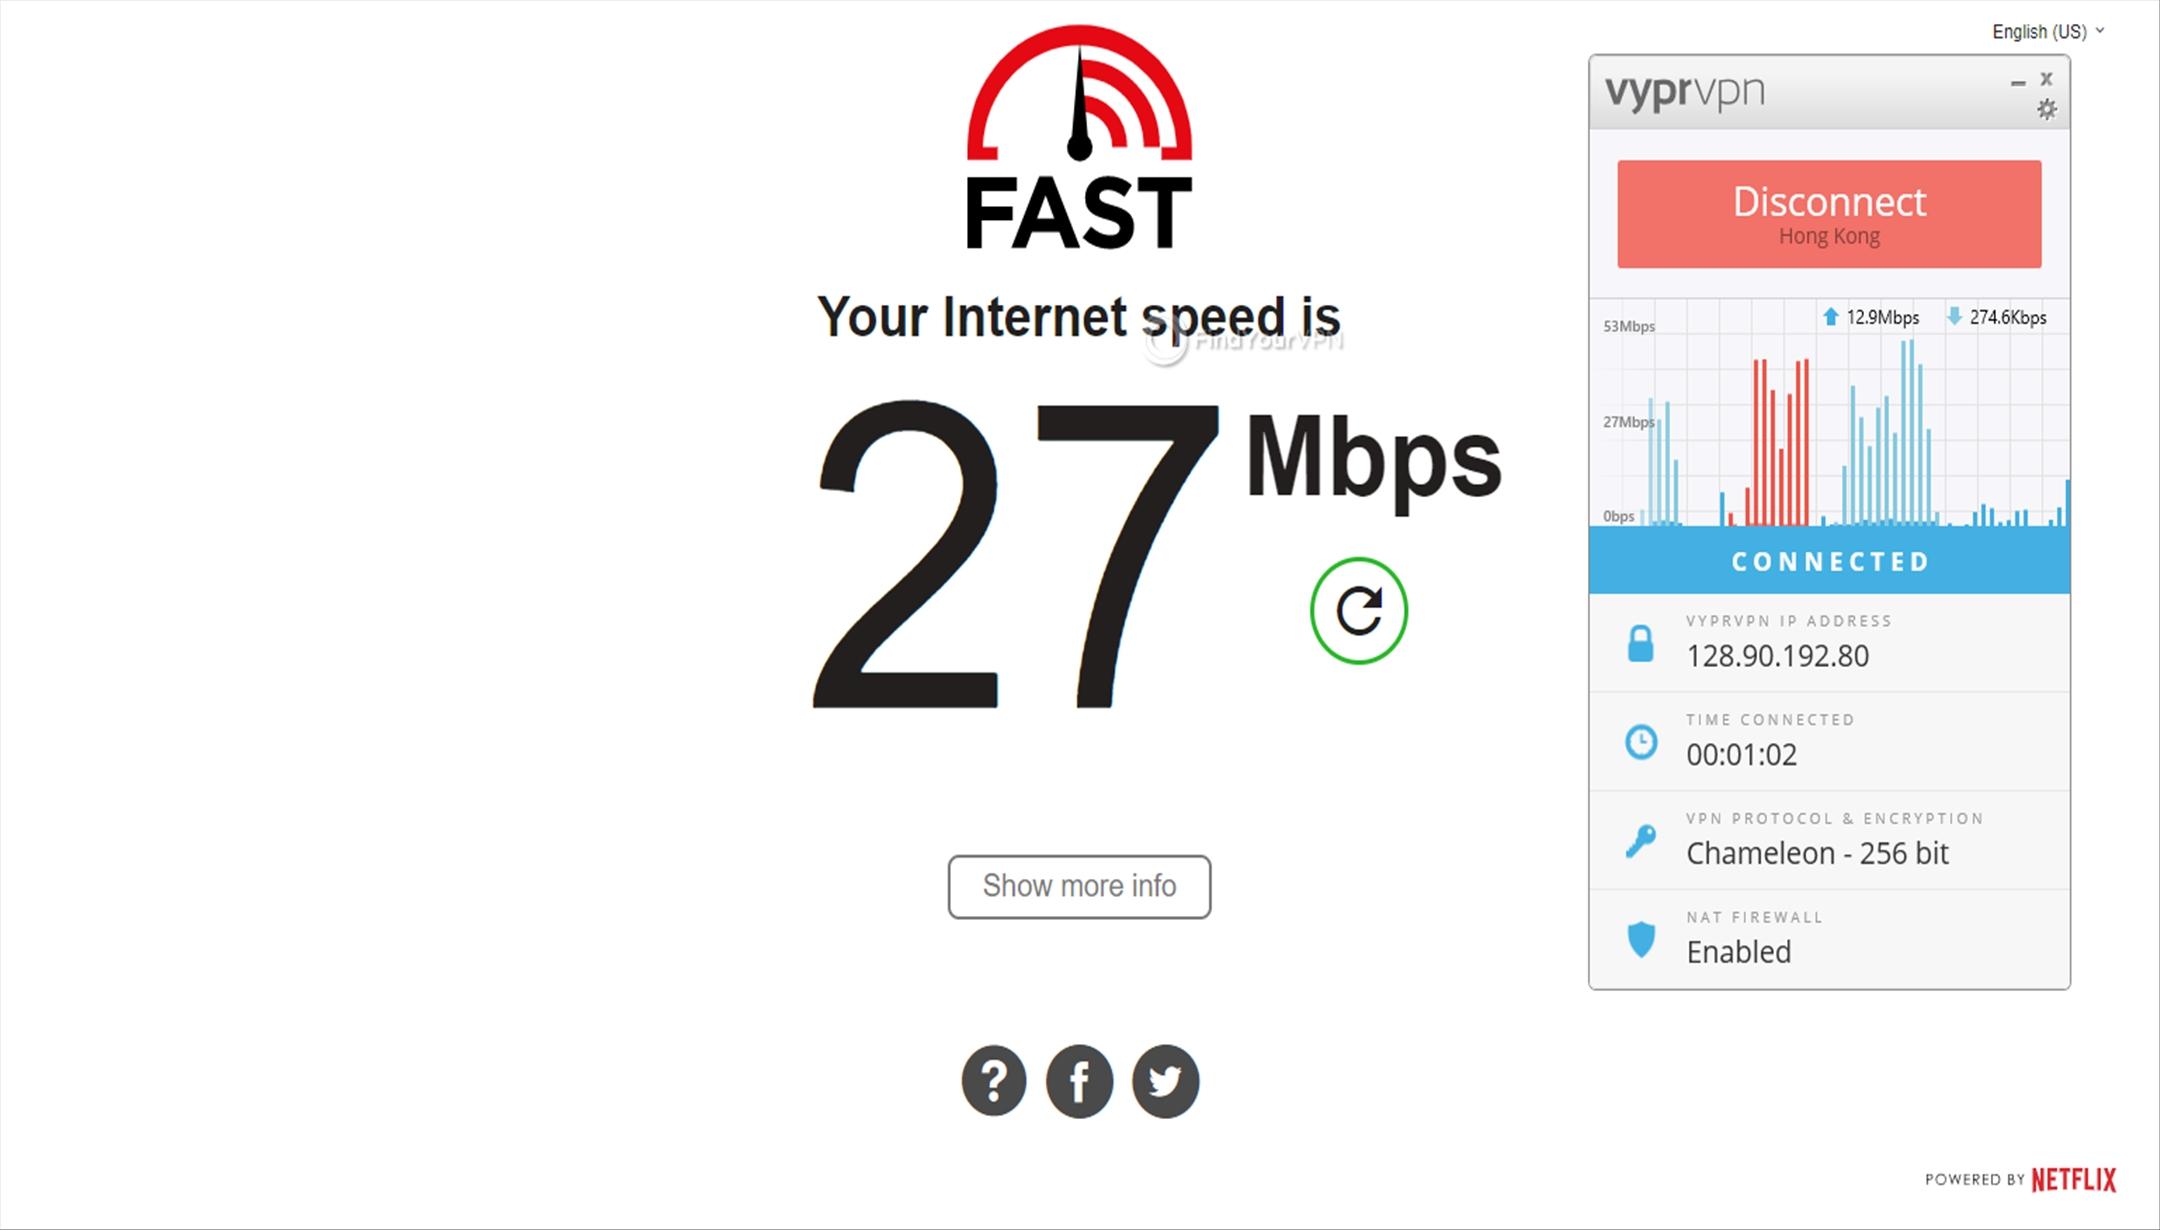 VyprVPN Hong Kong Speed Test 27 Mbps